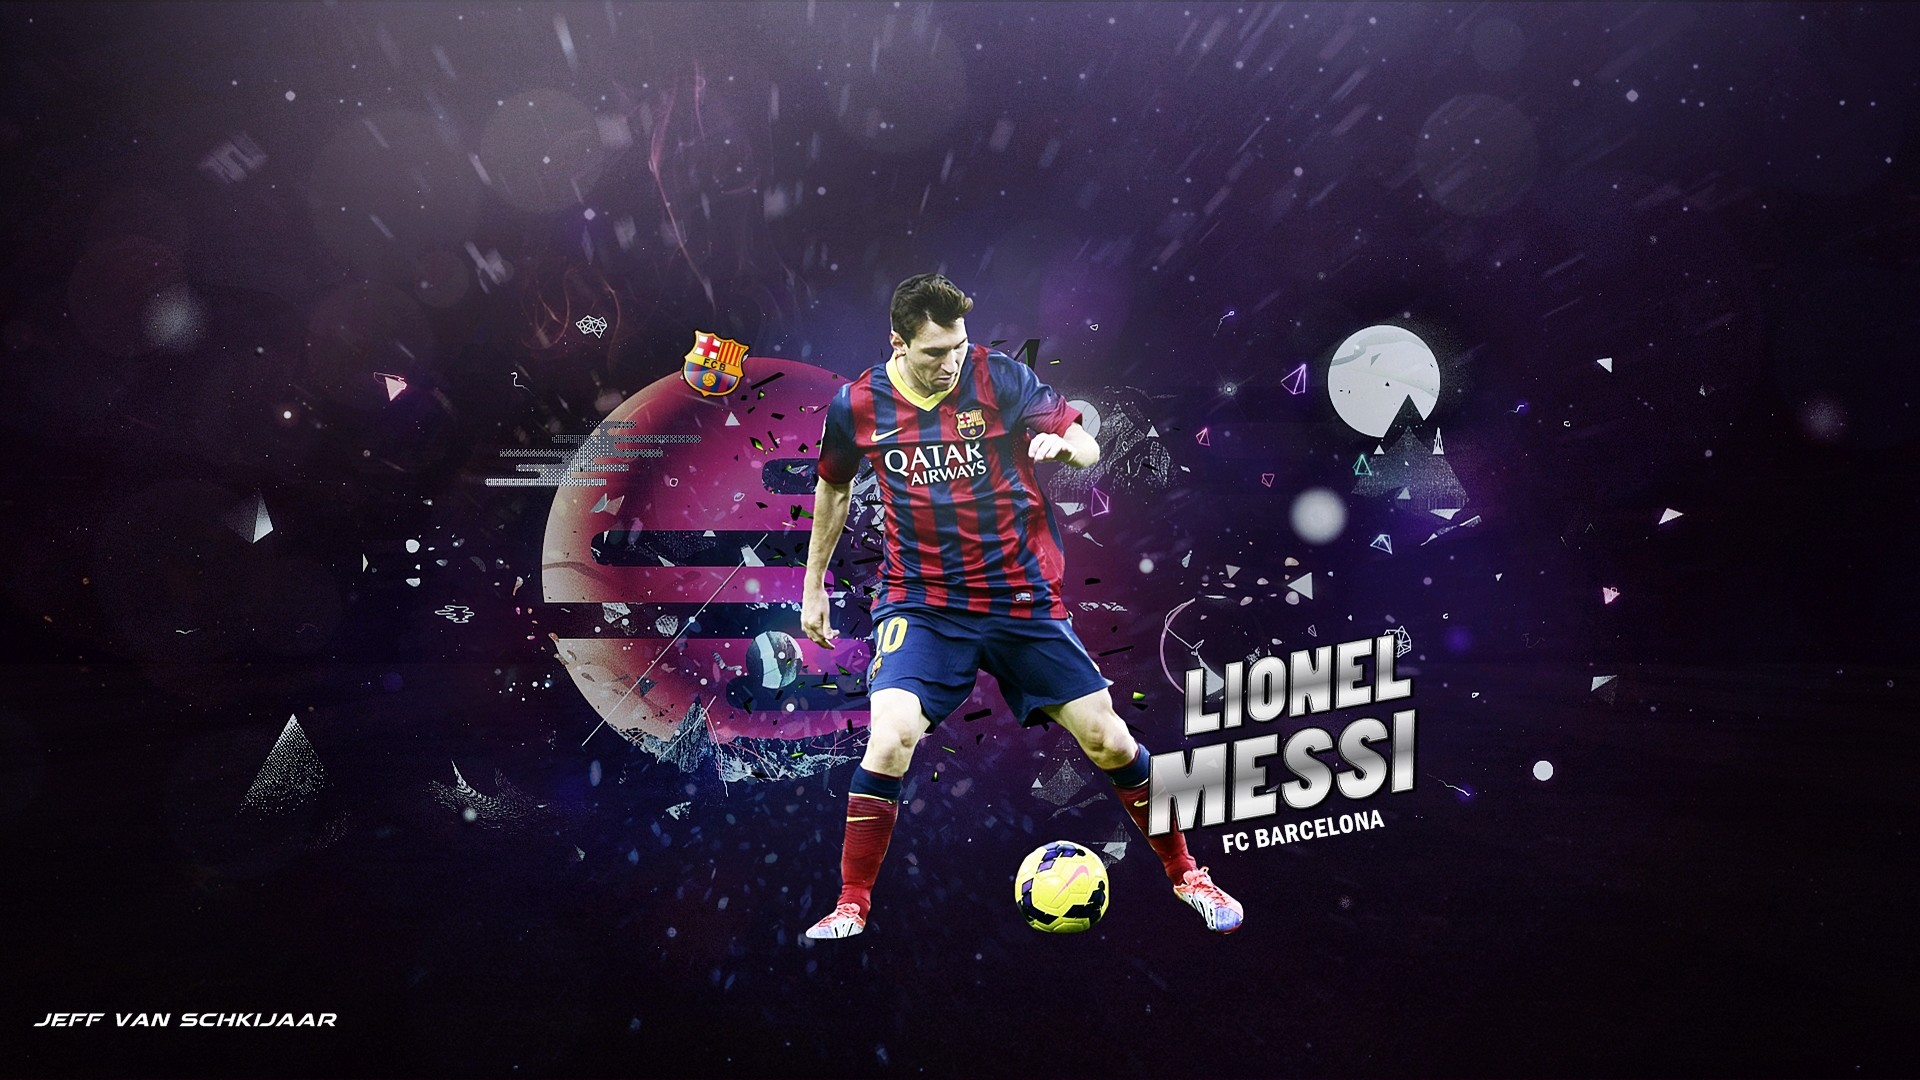 Lionel Messi FC Barcelona Wallpaper HD 2014 #4 | Football Wallpaper HD .